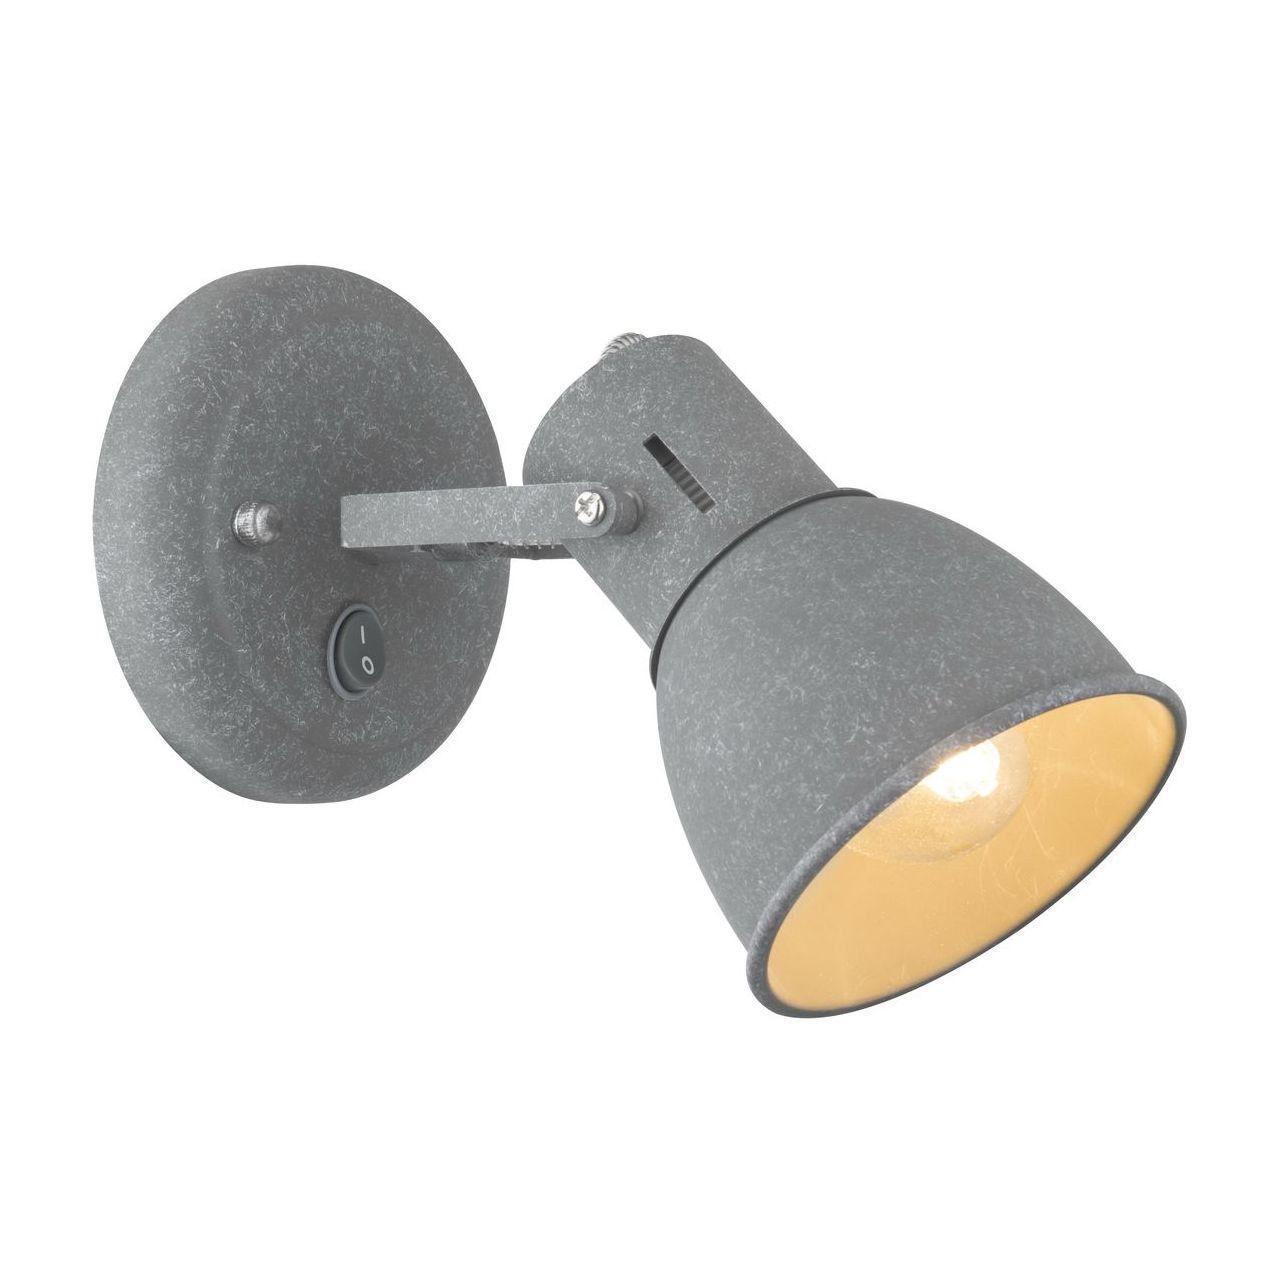 Спот Arte Lamp A1677AP-1GY цена